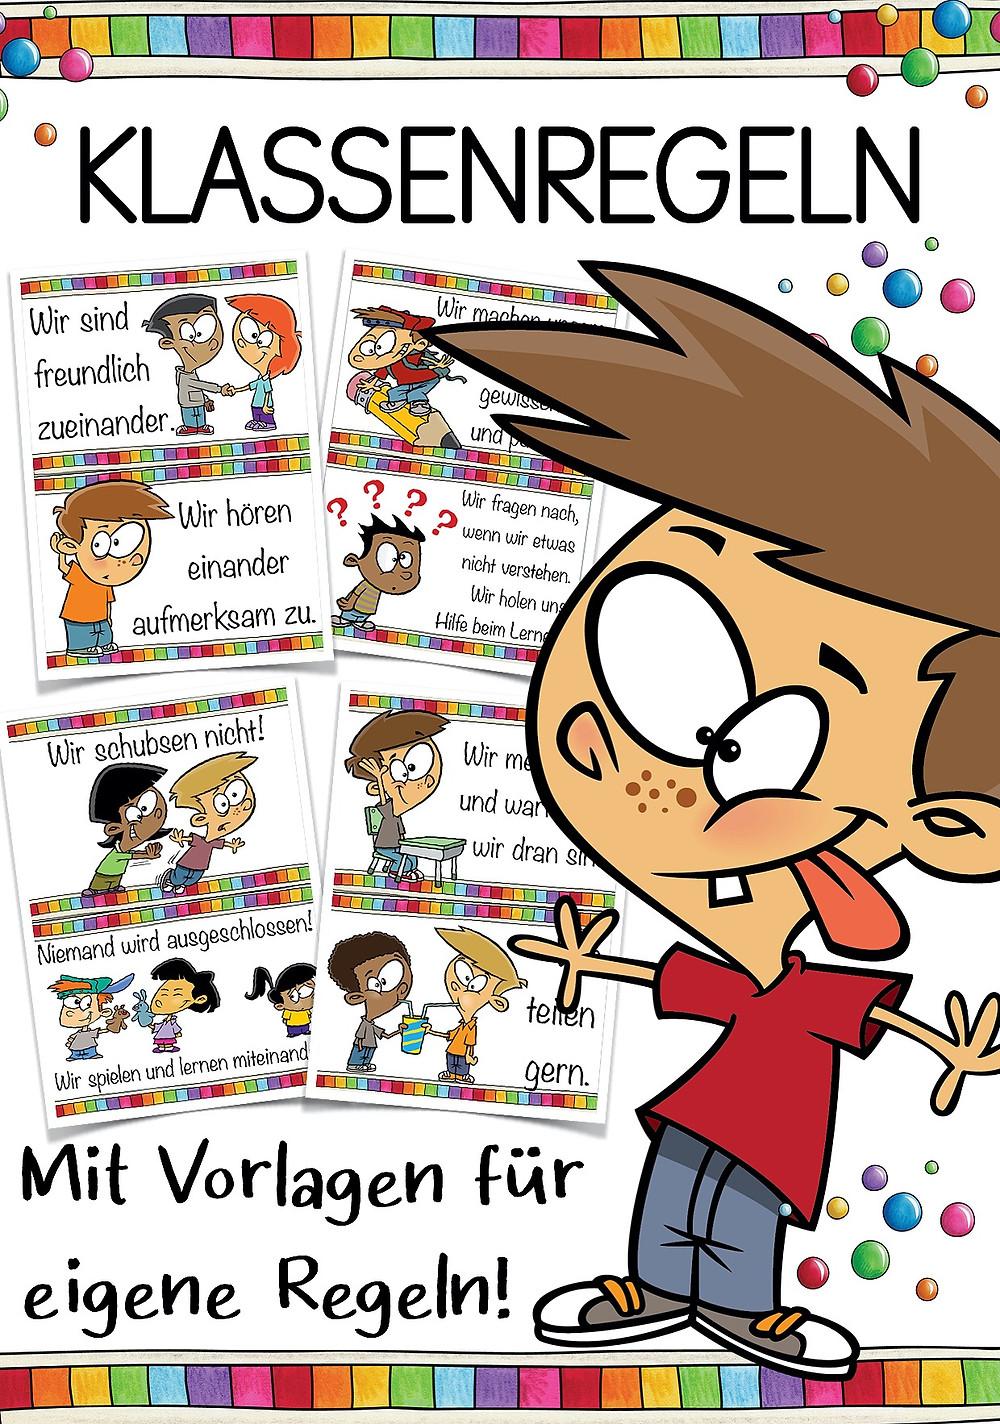 Klassenregeln - Kostenlos Download für die Grundschule